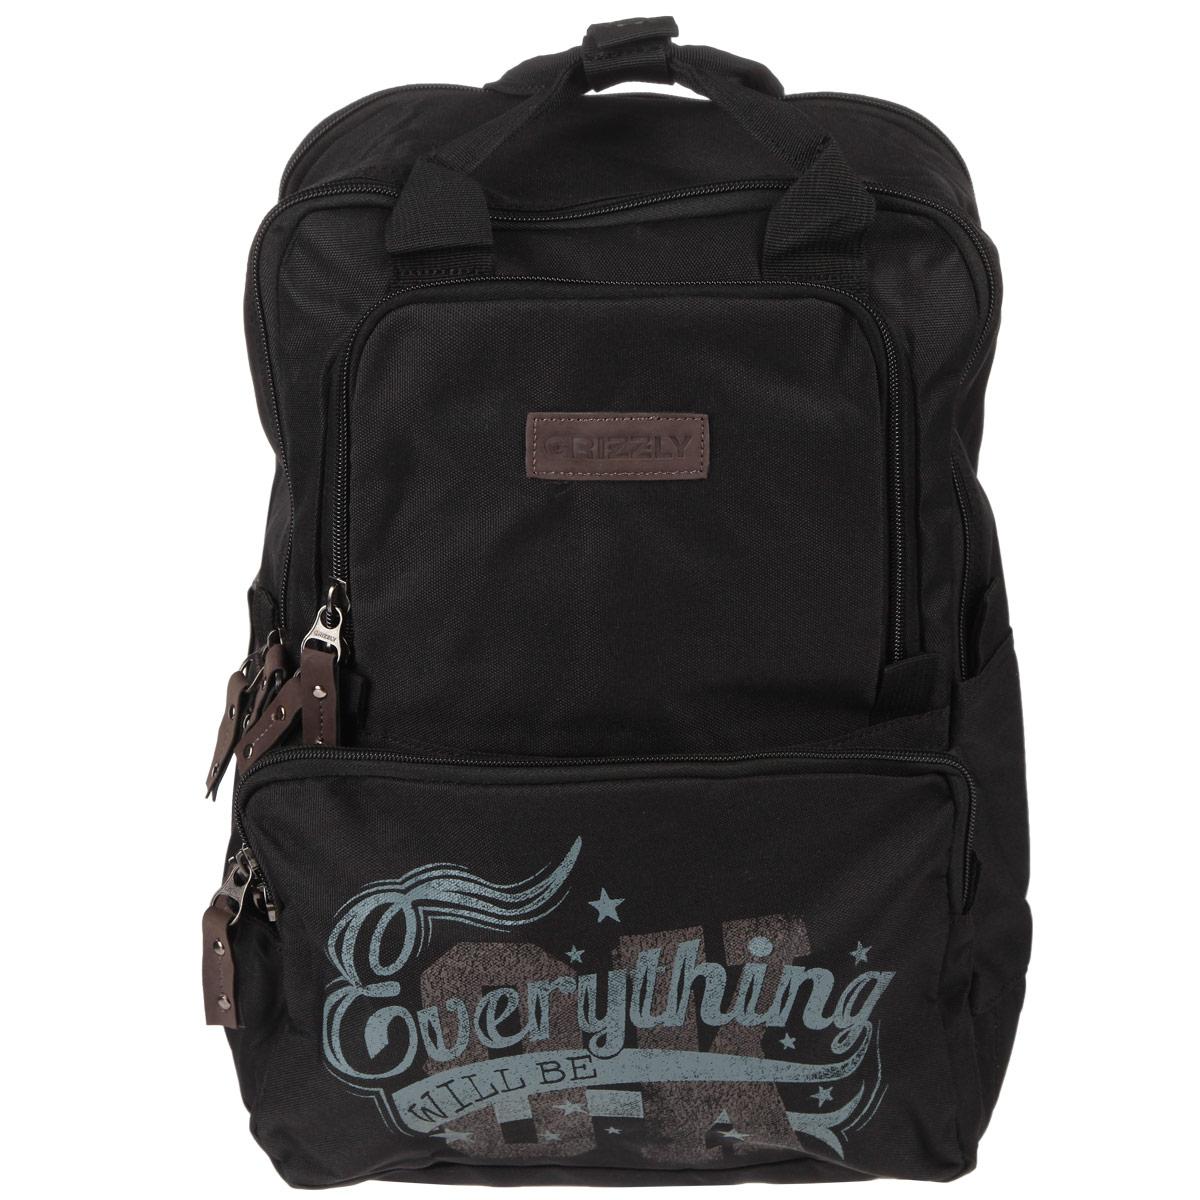 Школьный ранец Grizzly, цвет: салатовый, черный. RU-513-1/272523WDМолодежный рюкзак с двумя отделениями,одно из которых под ноутбук,закрывающихся на молнию.На передней стенке два объемных кармана,в одном из которых имеется карман-органайзер.Рюкзак также имеет внутренний карман для документов,укрепленные дно,лямки и спинку,две ручки для переноски,скрепляемые кнопкой.